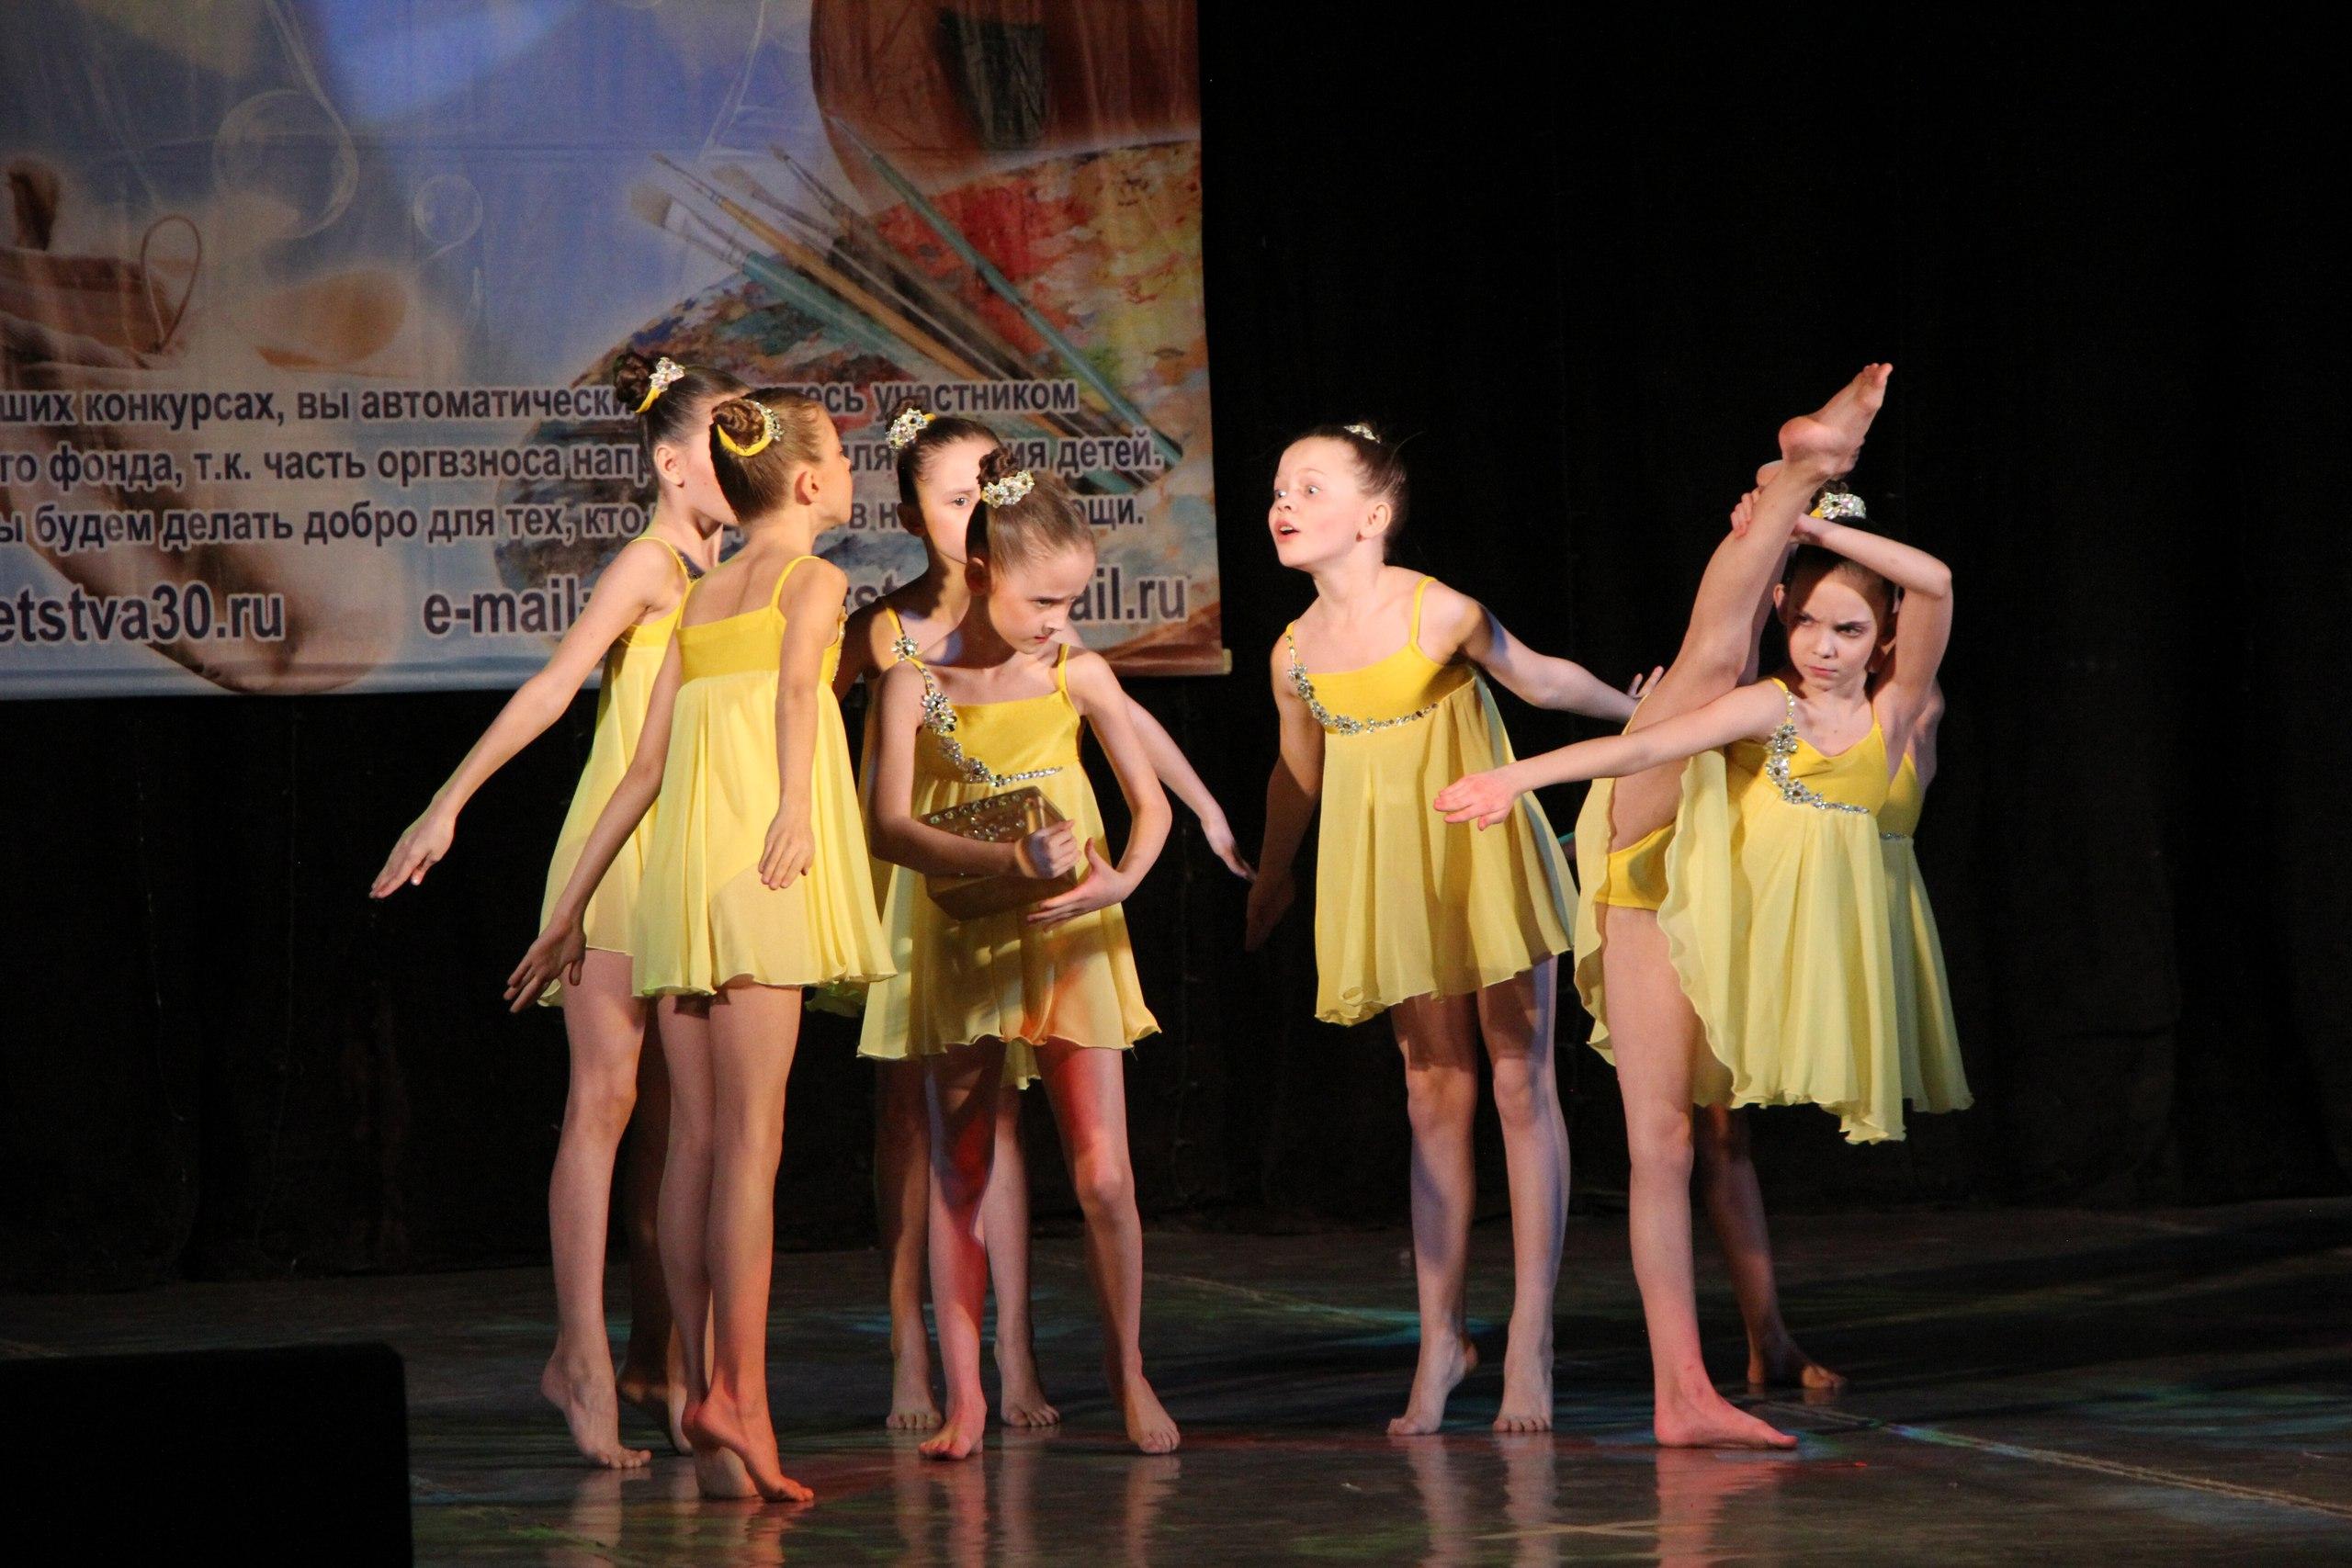 Набирает обороты уже ставший ежегодным III Международный конкурс-фестиваль детского, юношеского и взрослого творчества